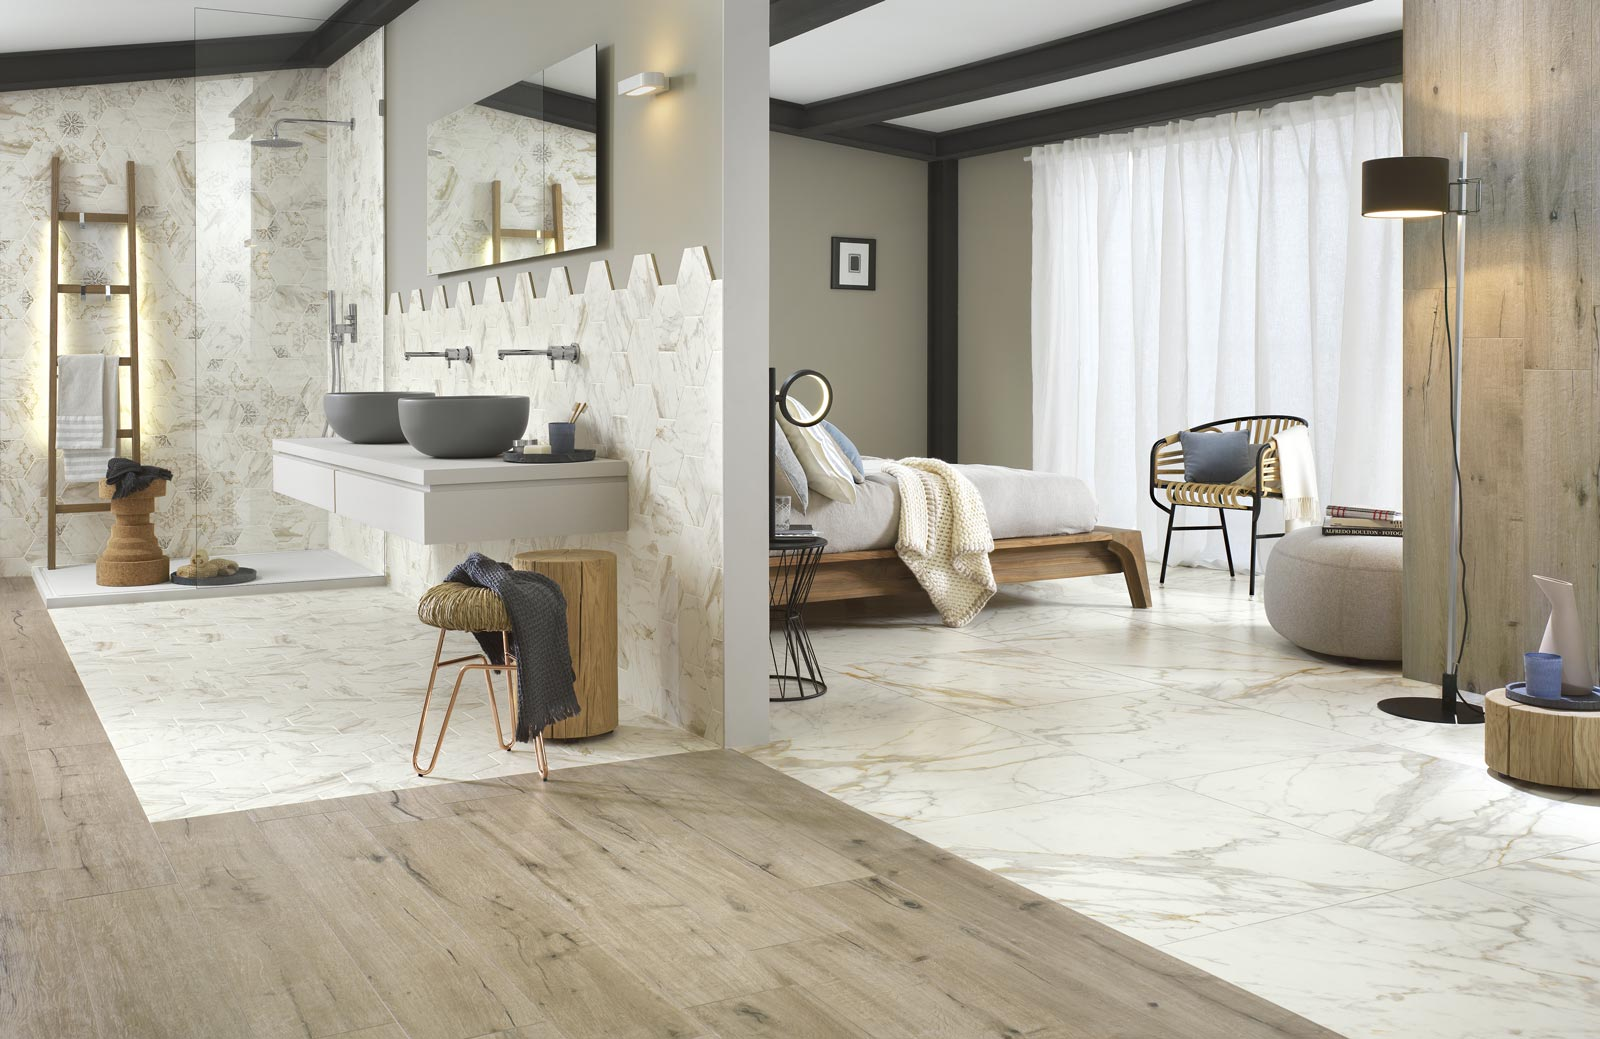 maison du carrelage balma latest meubles de salle de. Black Bedroom Furniture Sets. Home Design Ideas